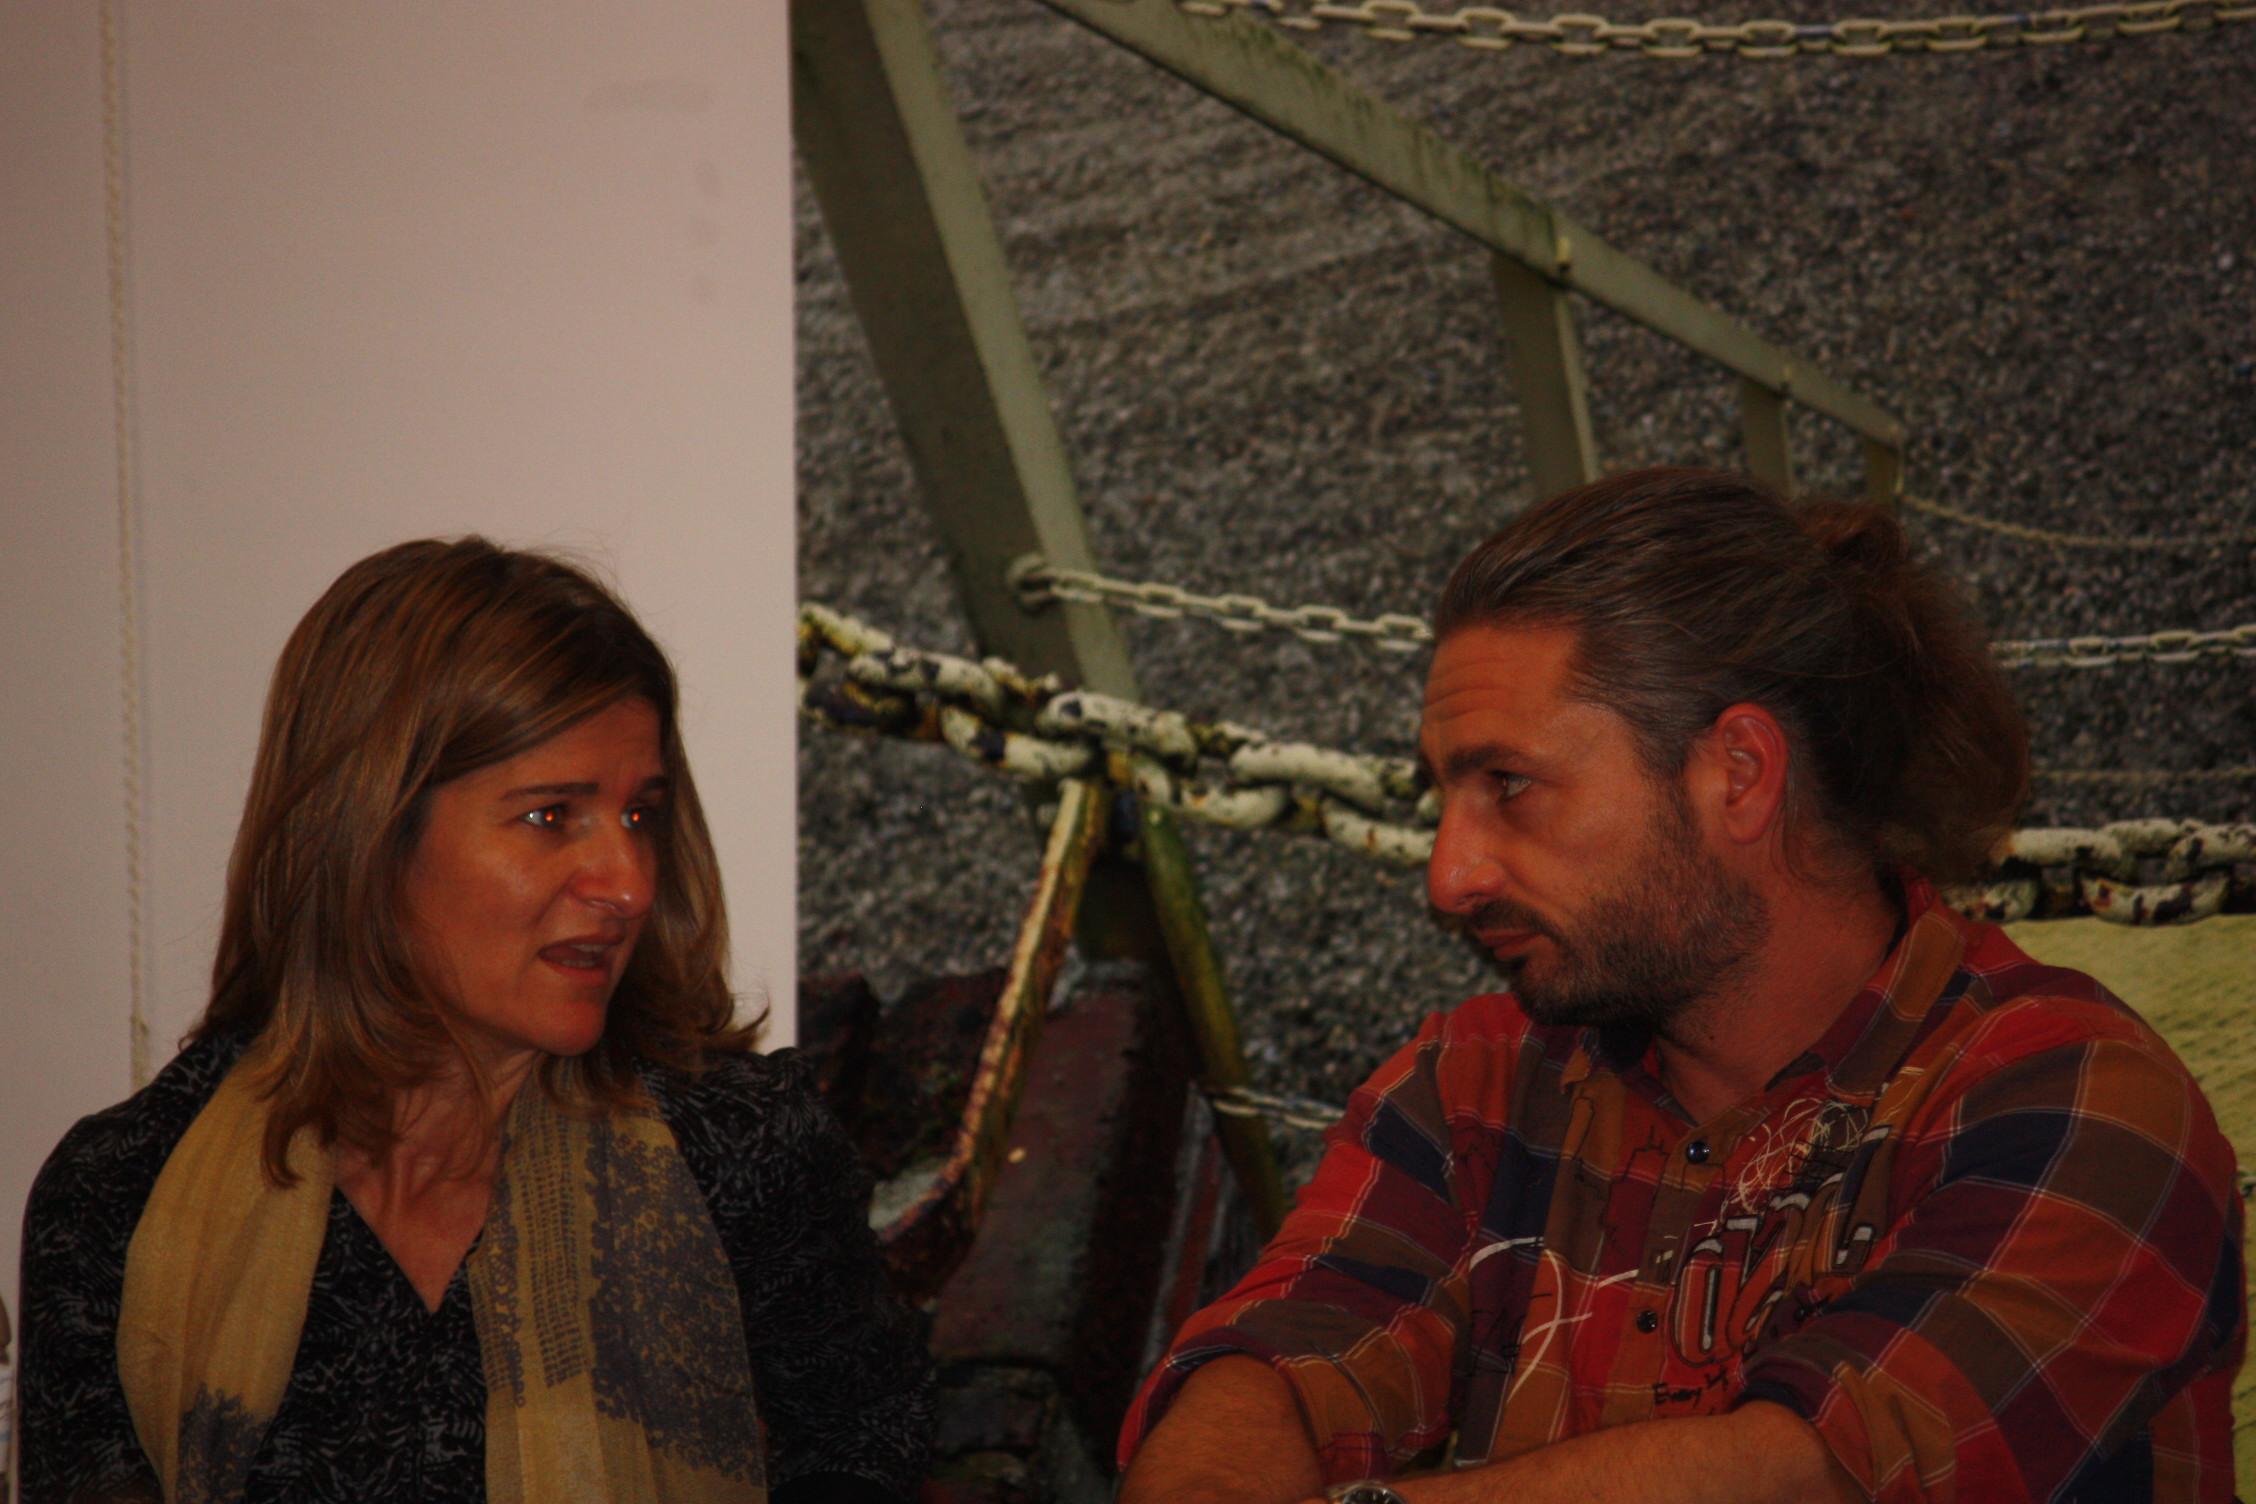 Ana Luengo (IFLA Europe) & David Roland (Centre du Paysage)